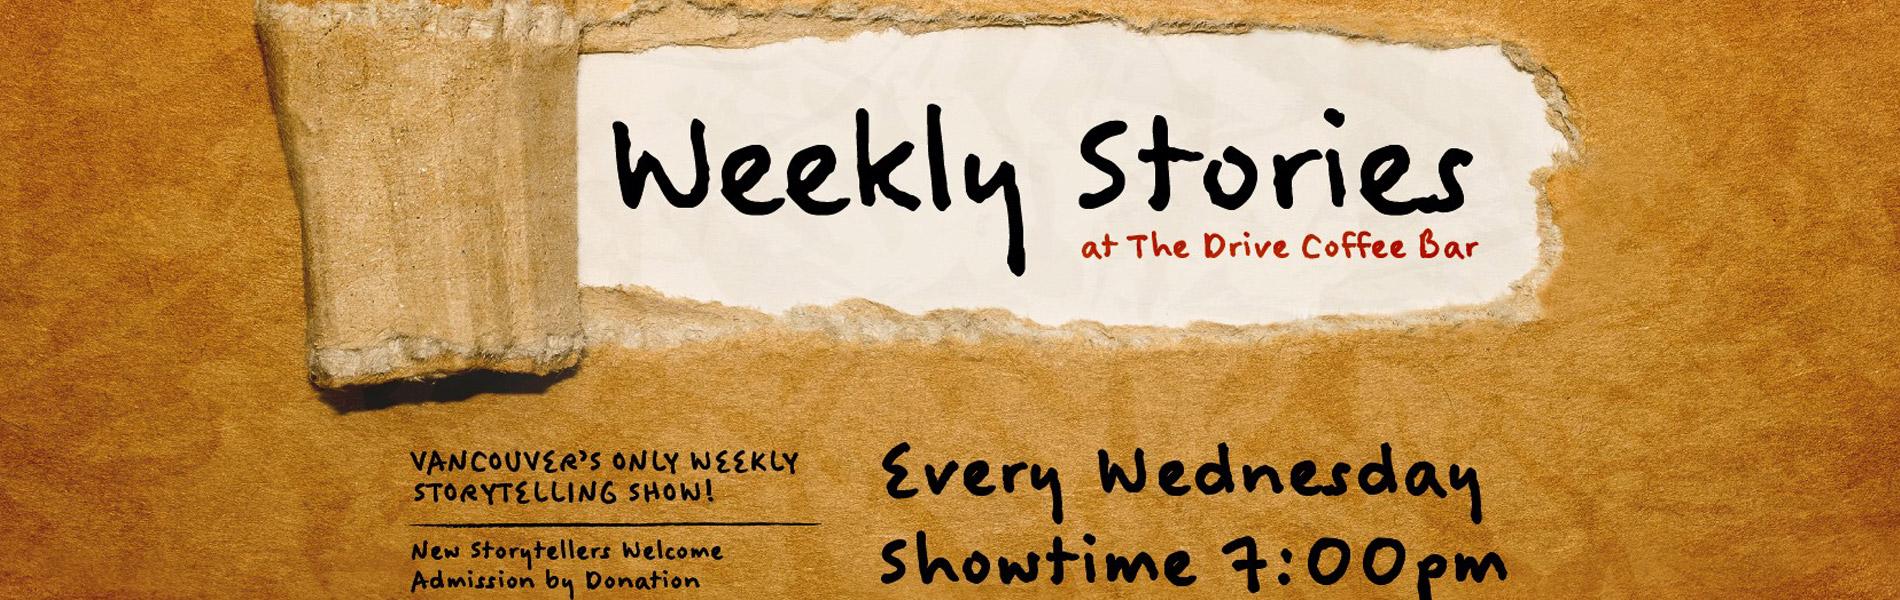 Weekly Stories